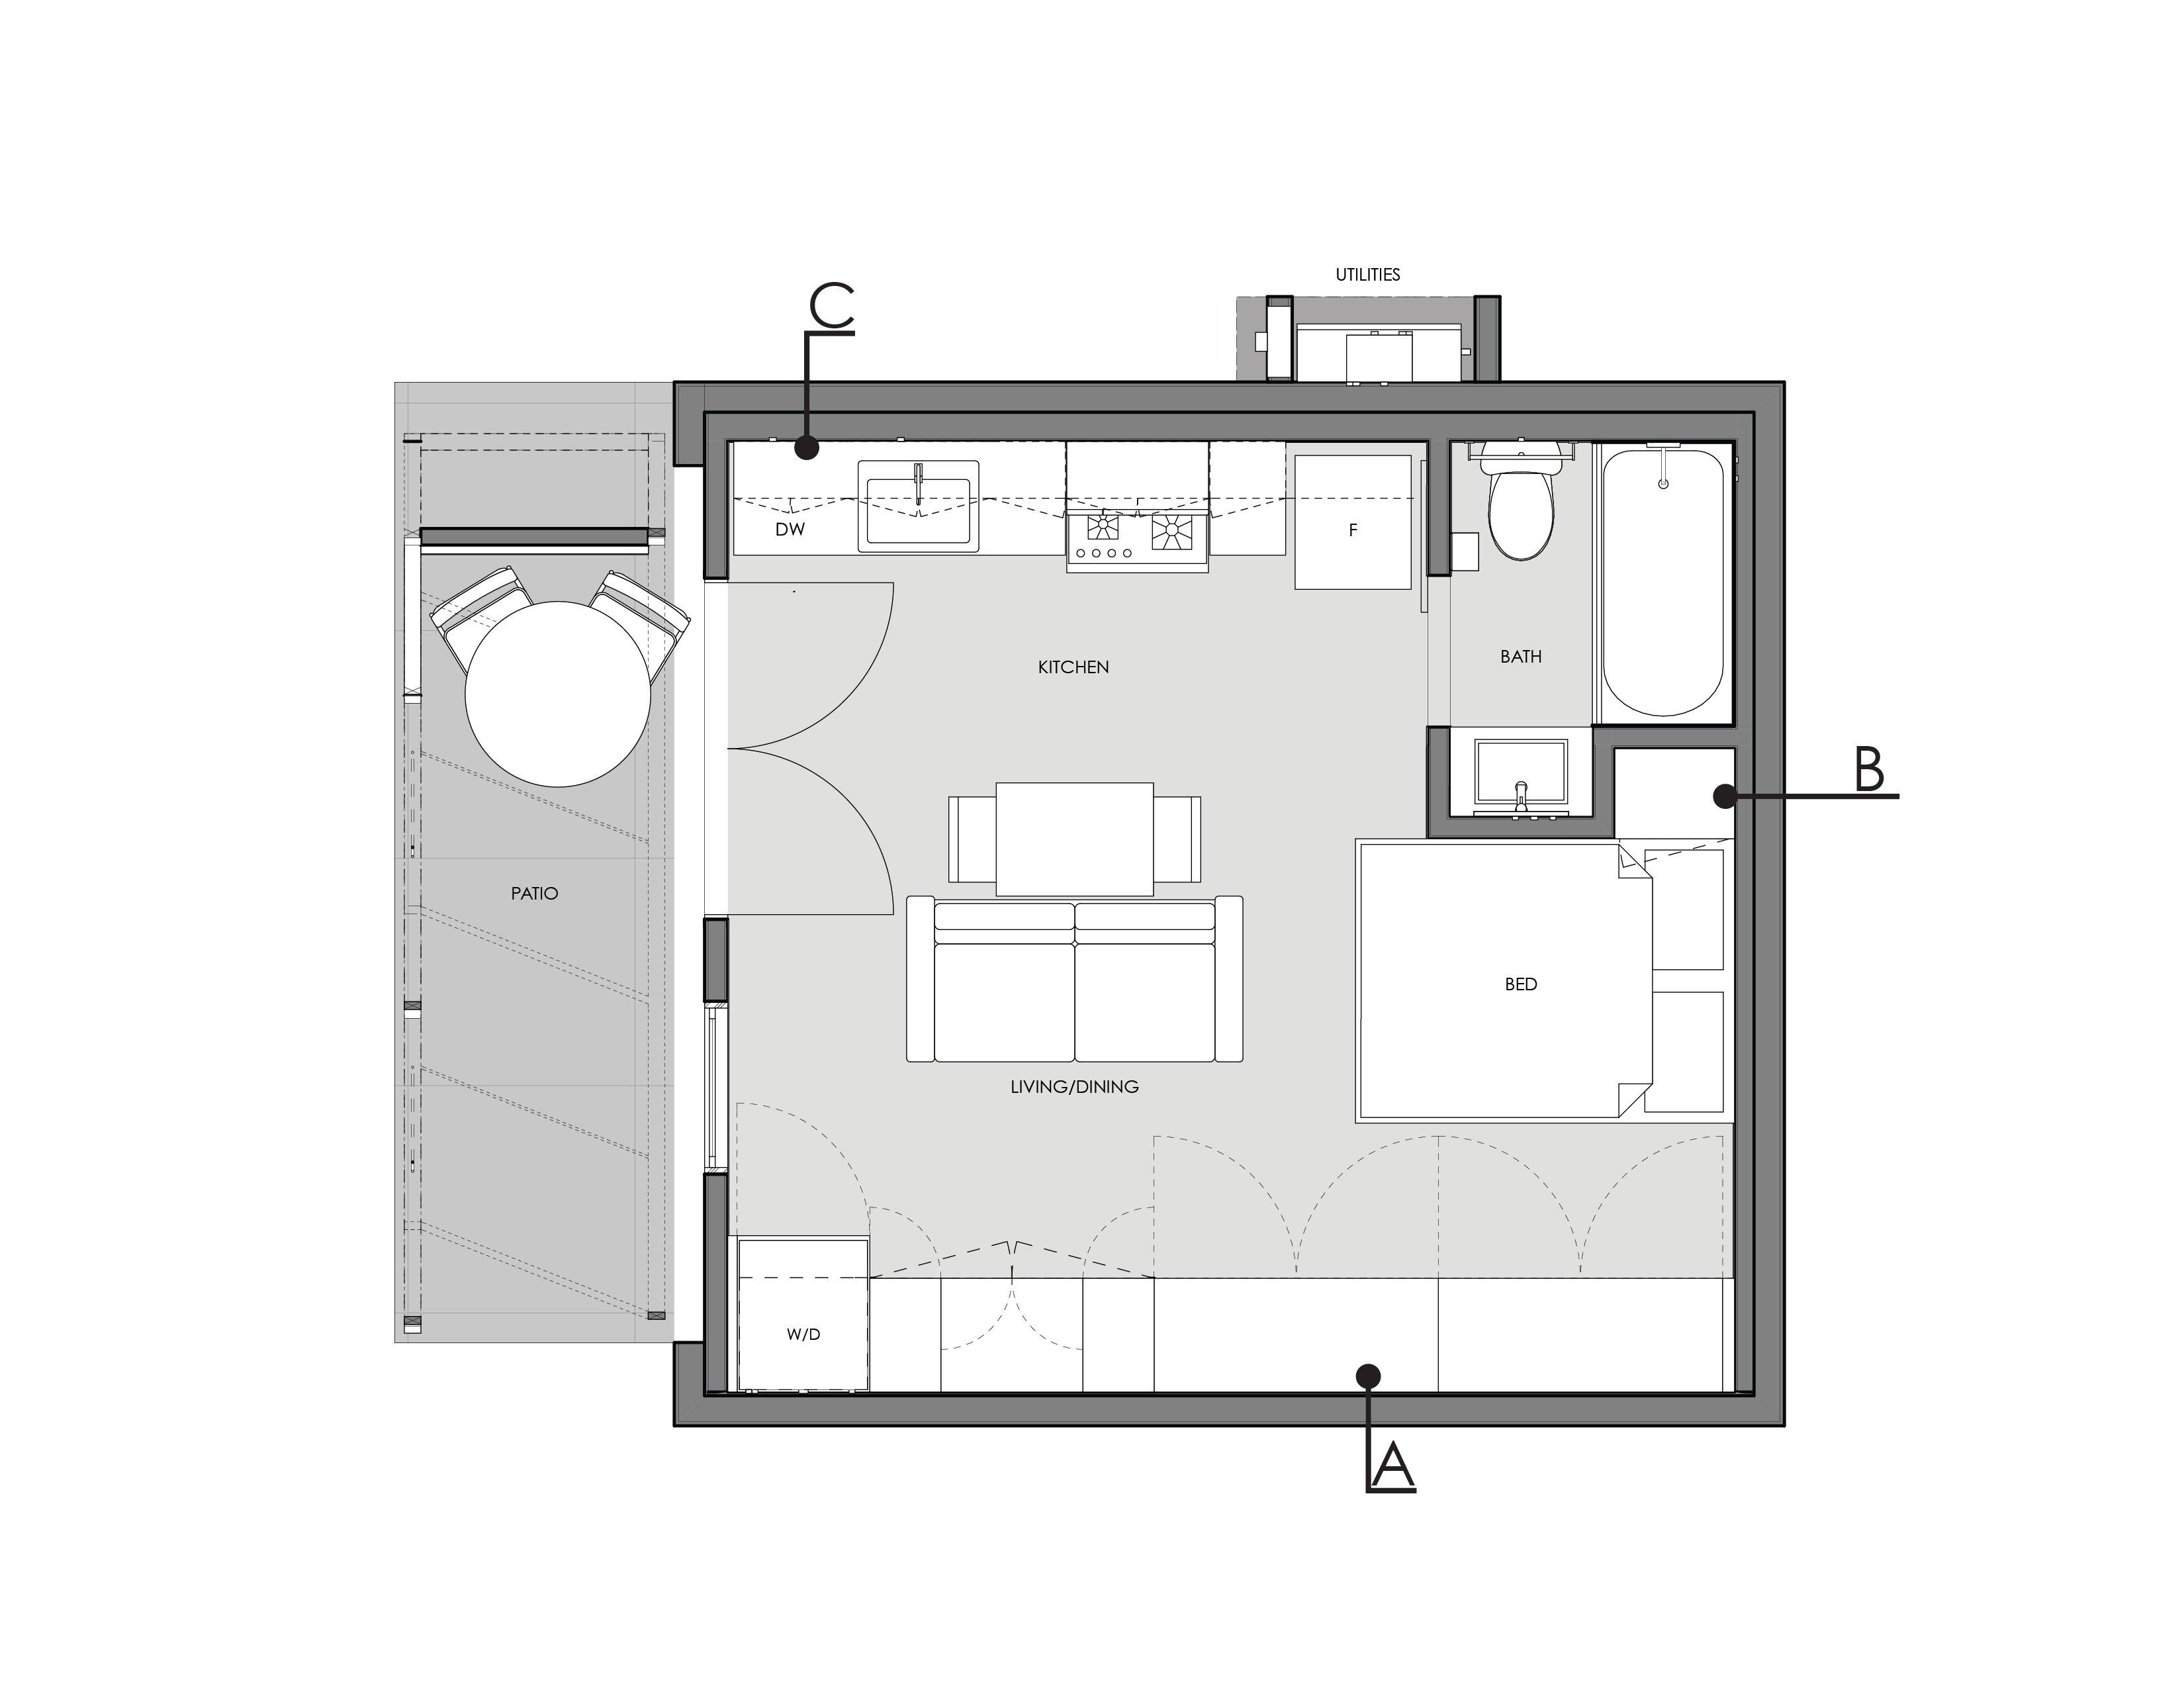 UD Storage_Plan